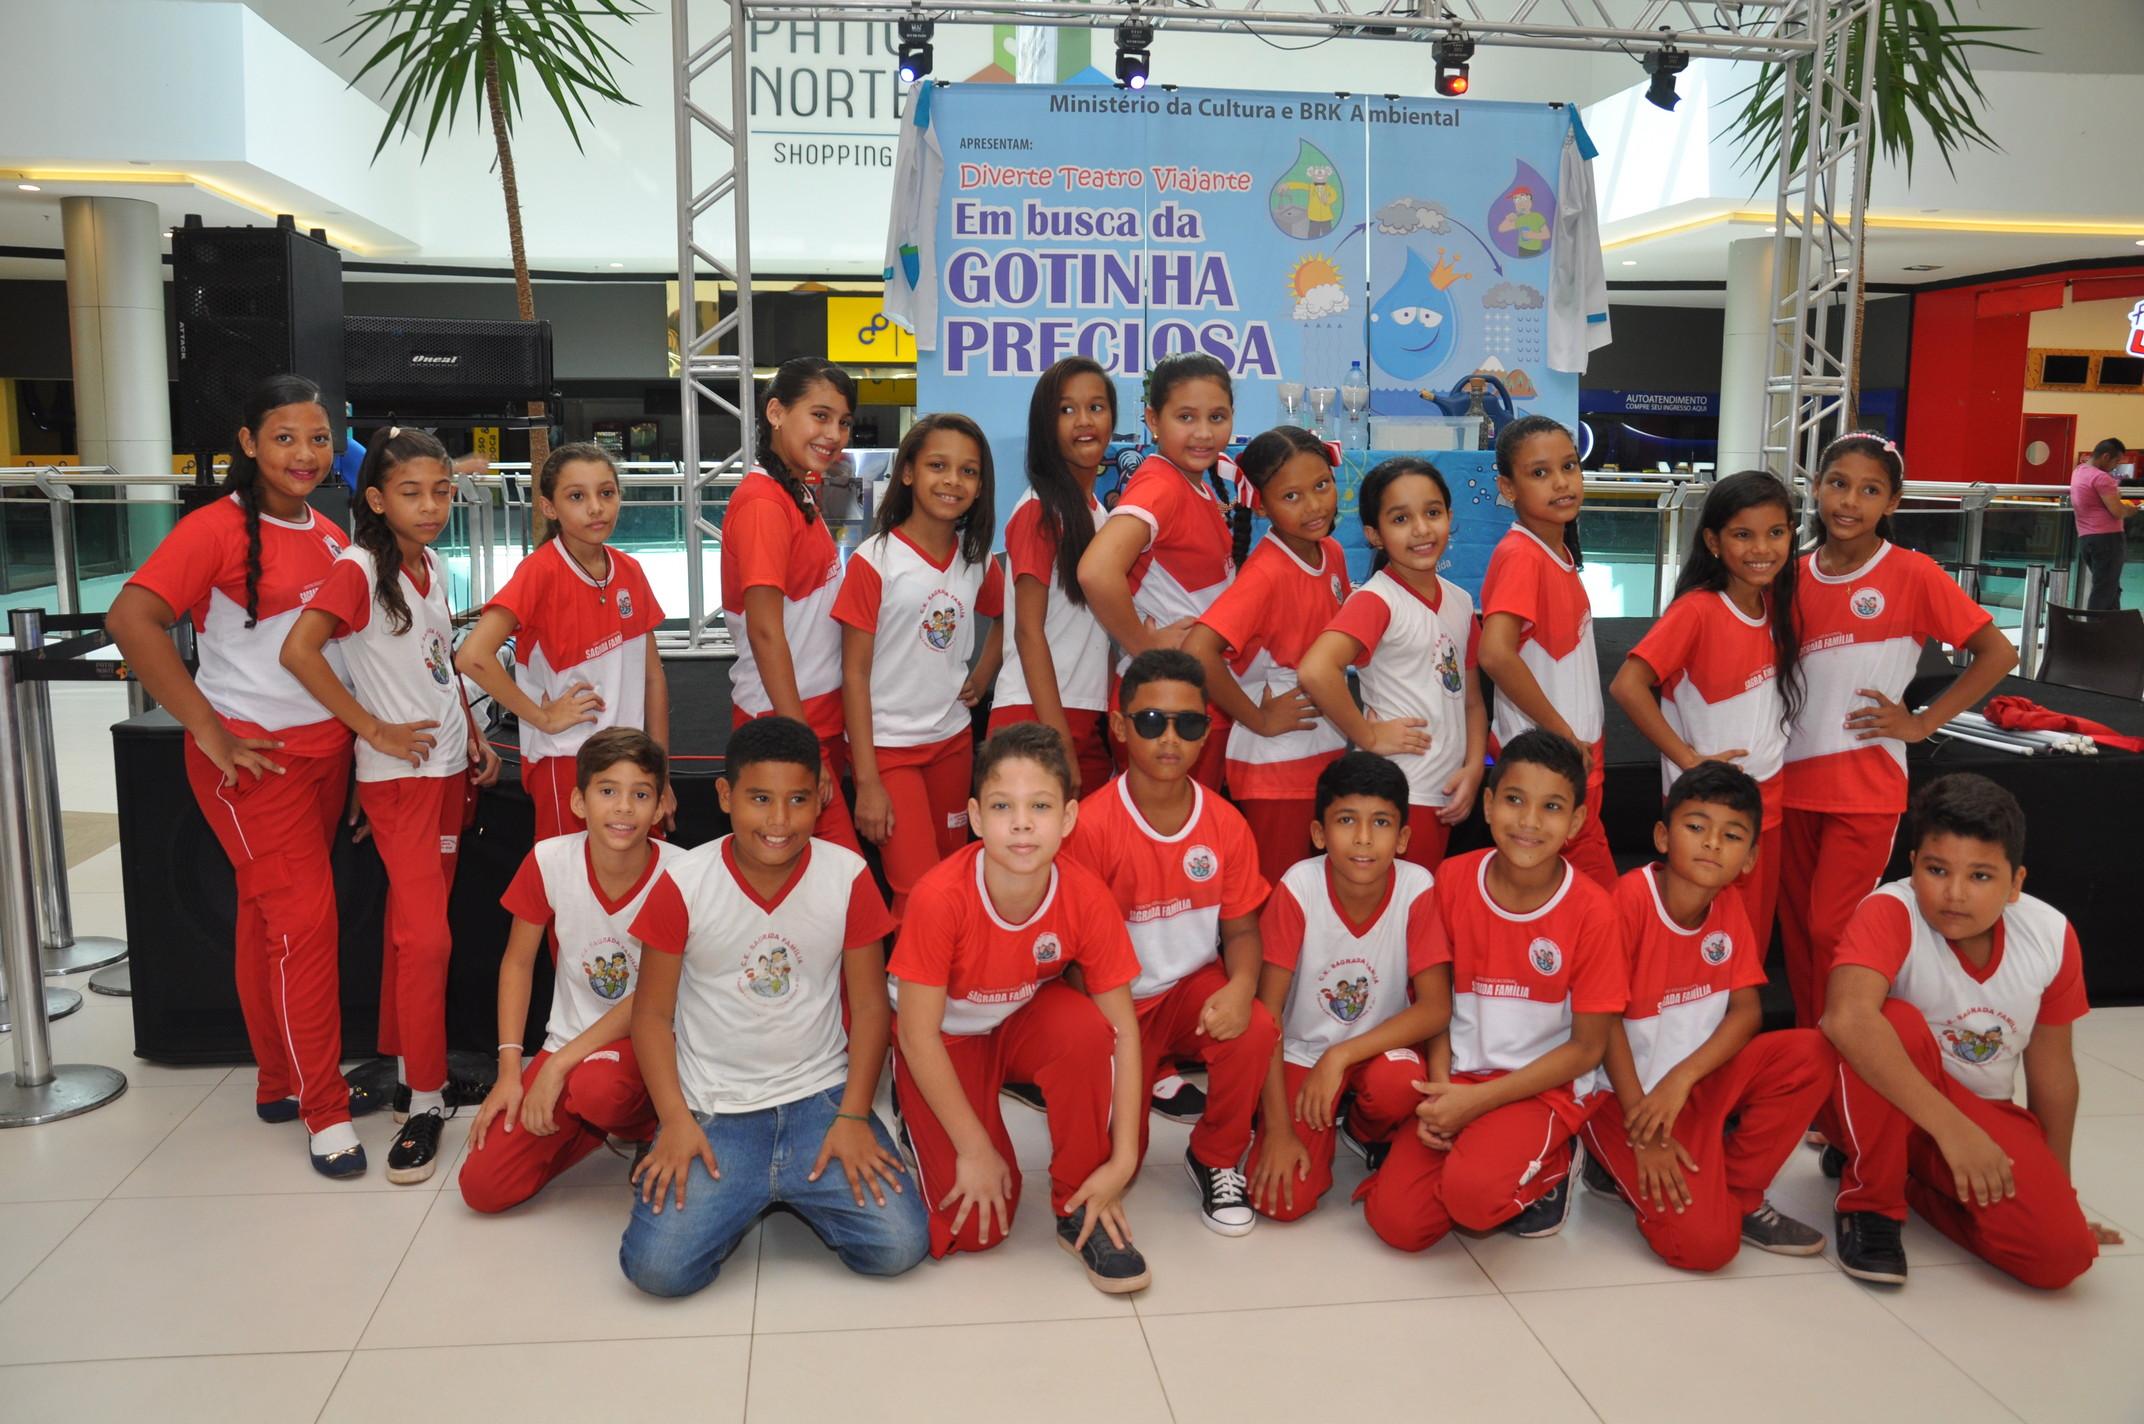 Alunos da escola Sagrada Família.